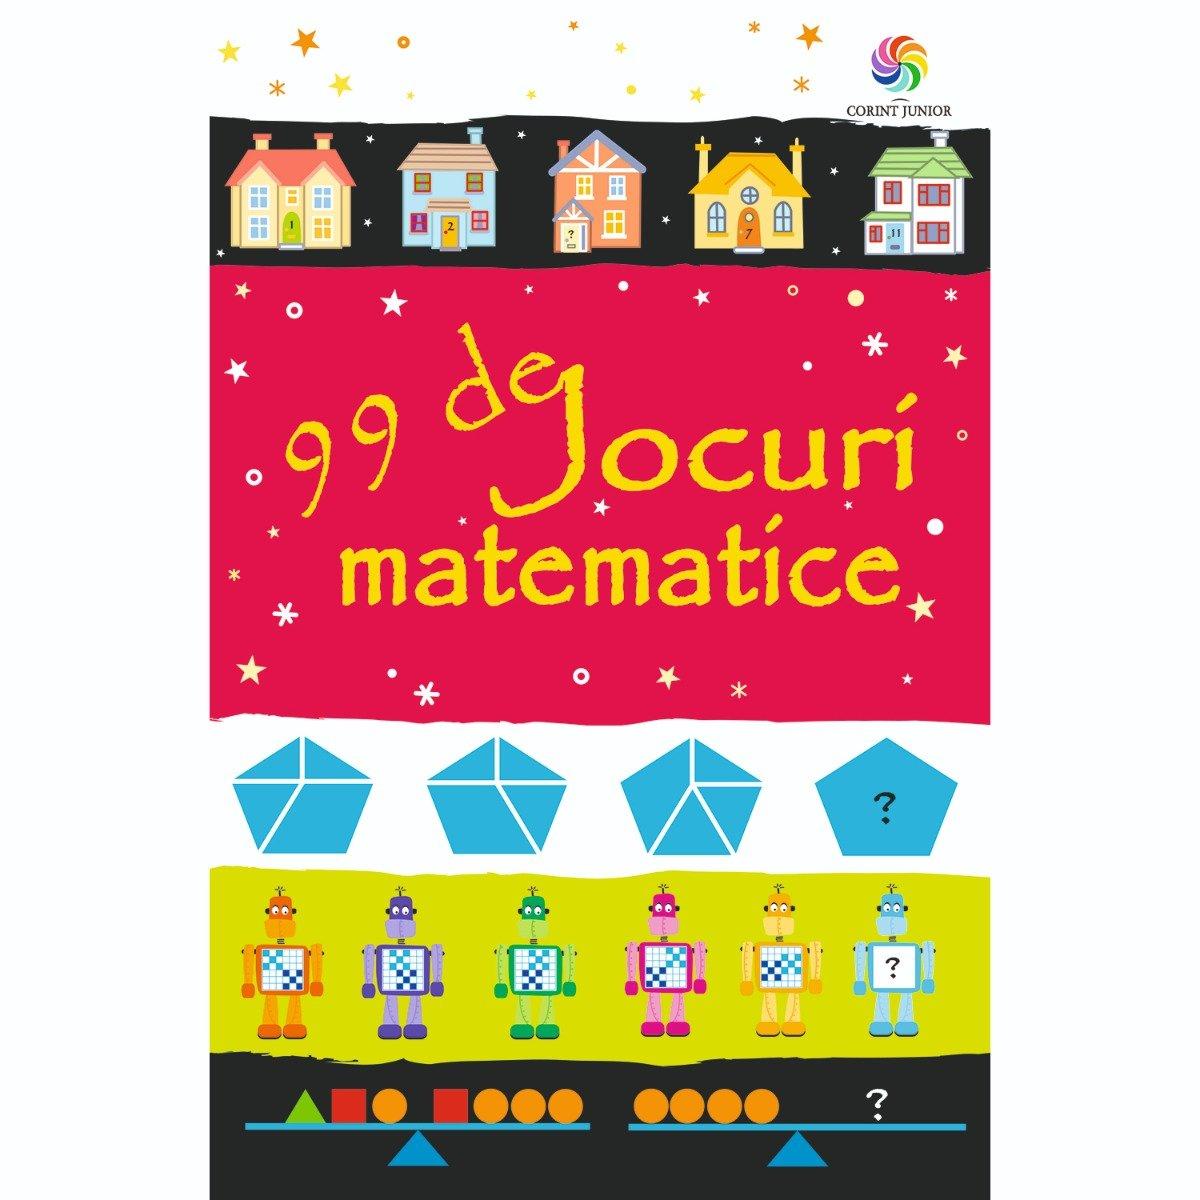 Carte Editura Corint, 99 de jocuri matematice, Sarah Khan